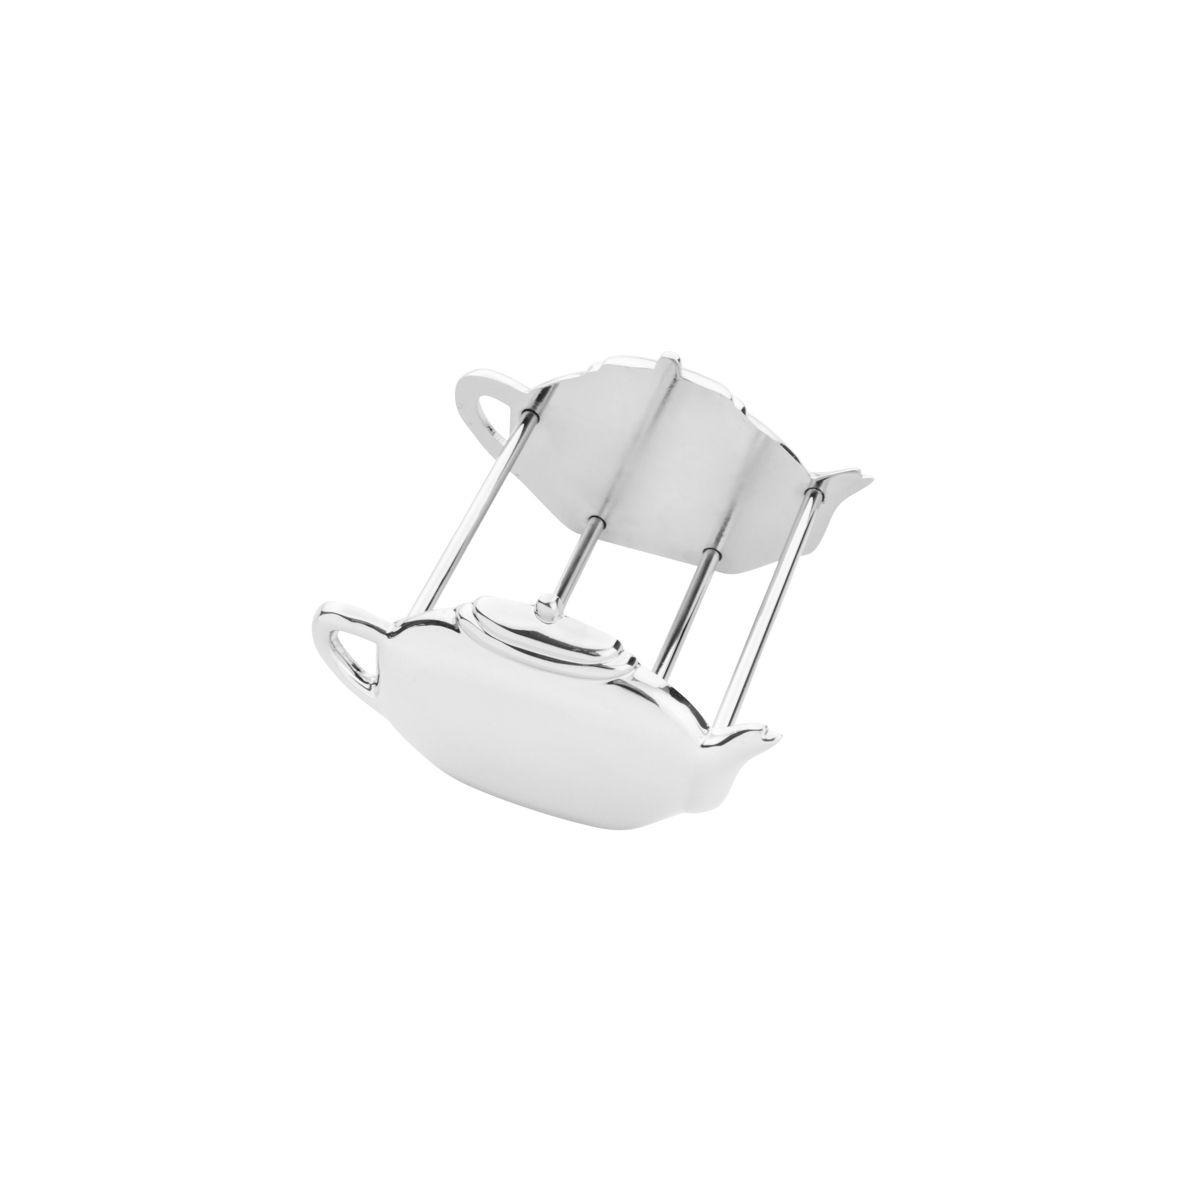 Porta Sache Teapot SIlver 7x8x5